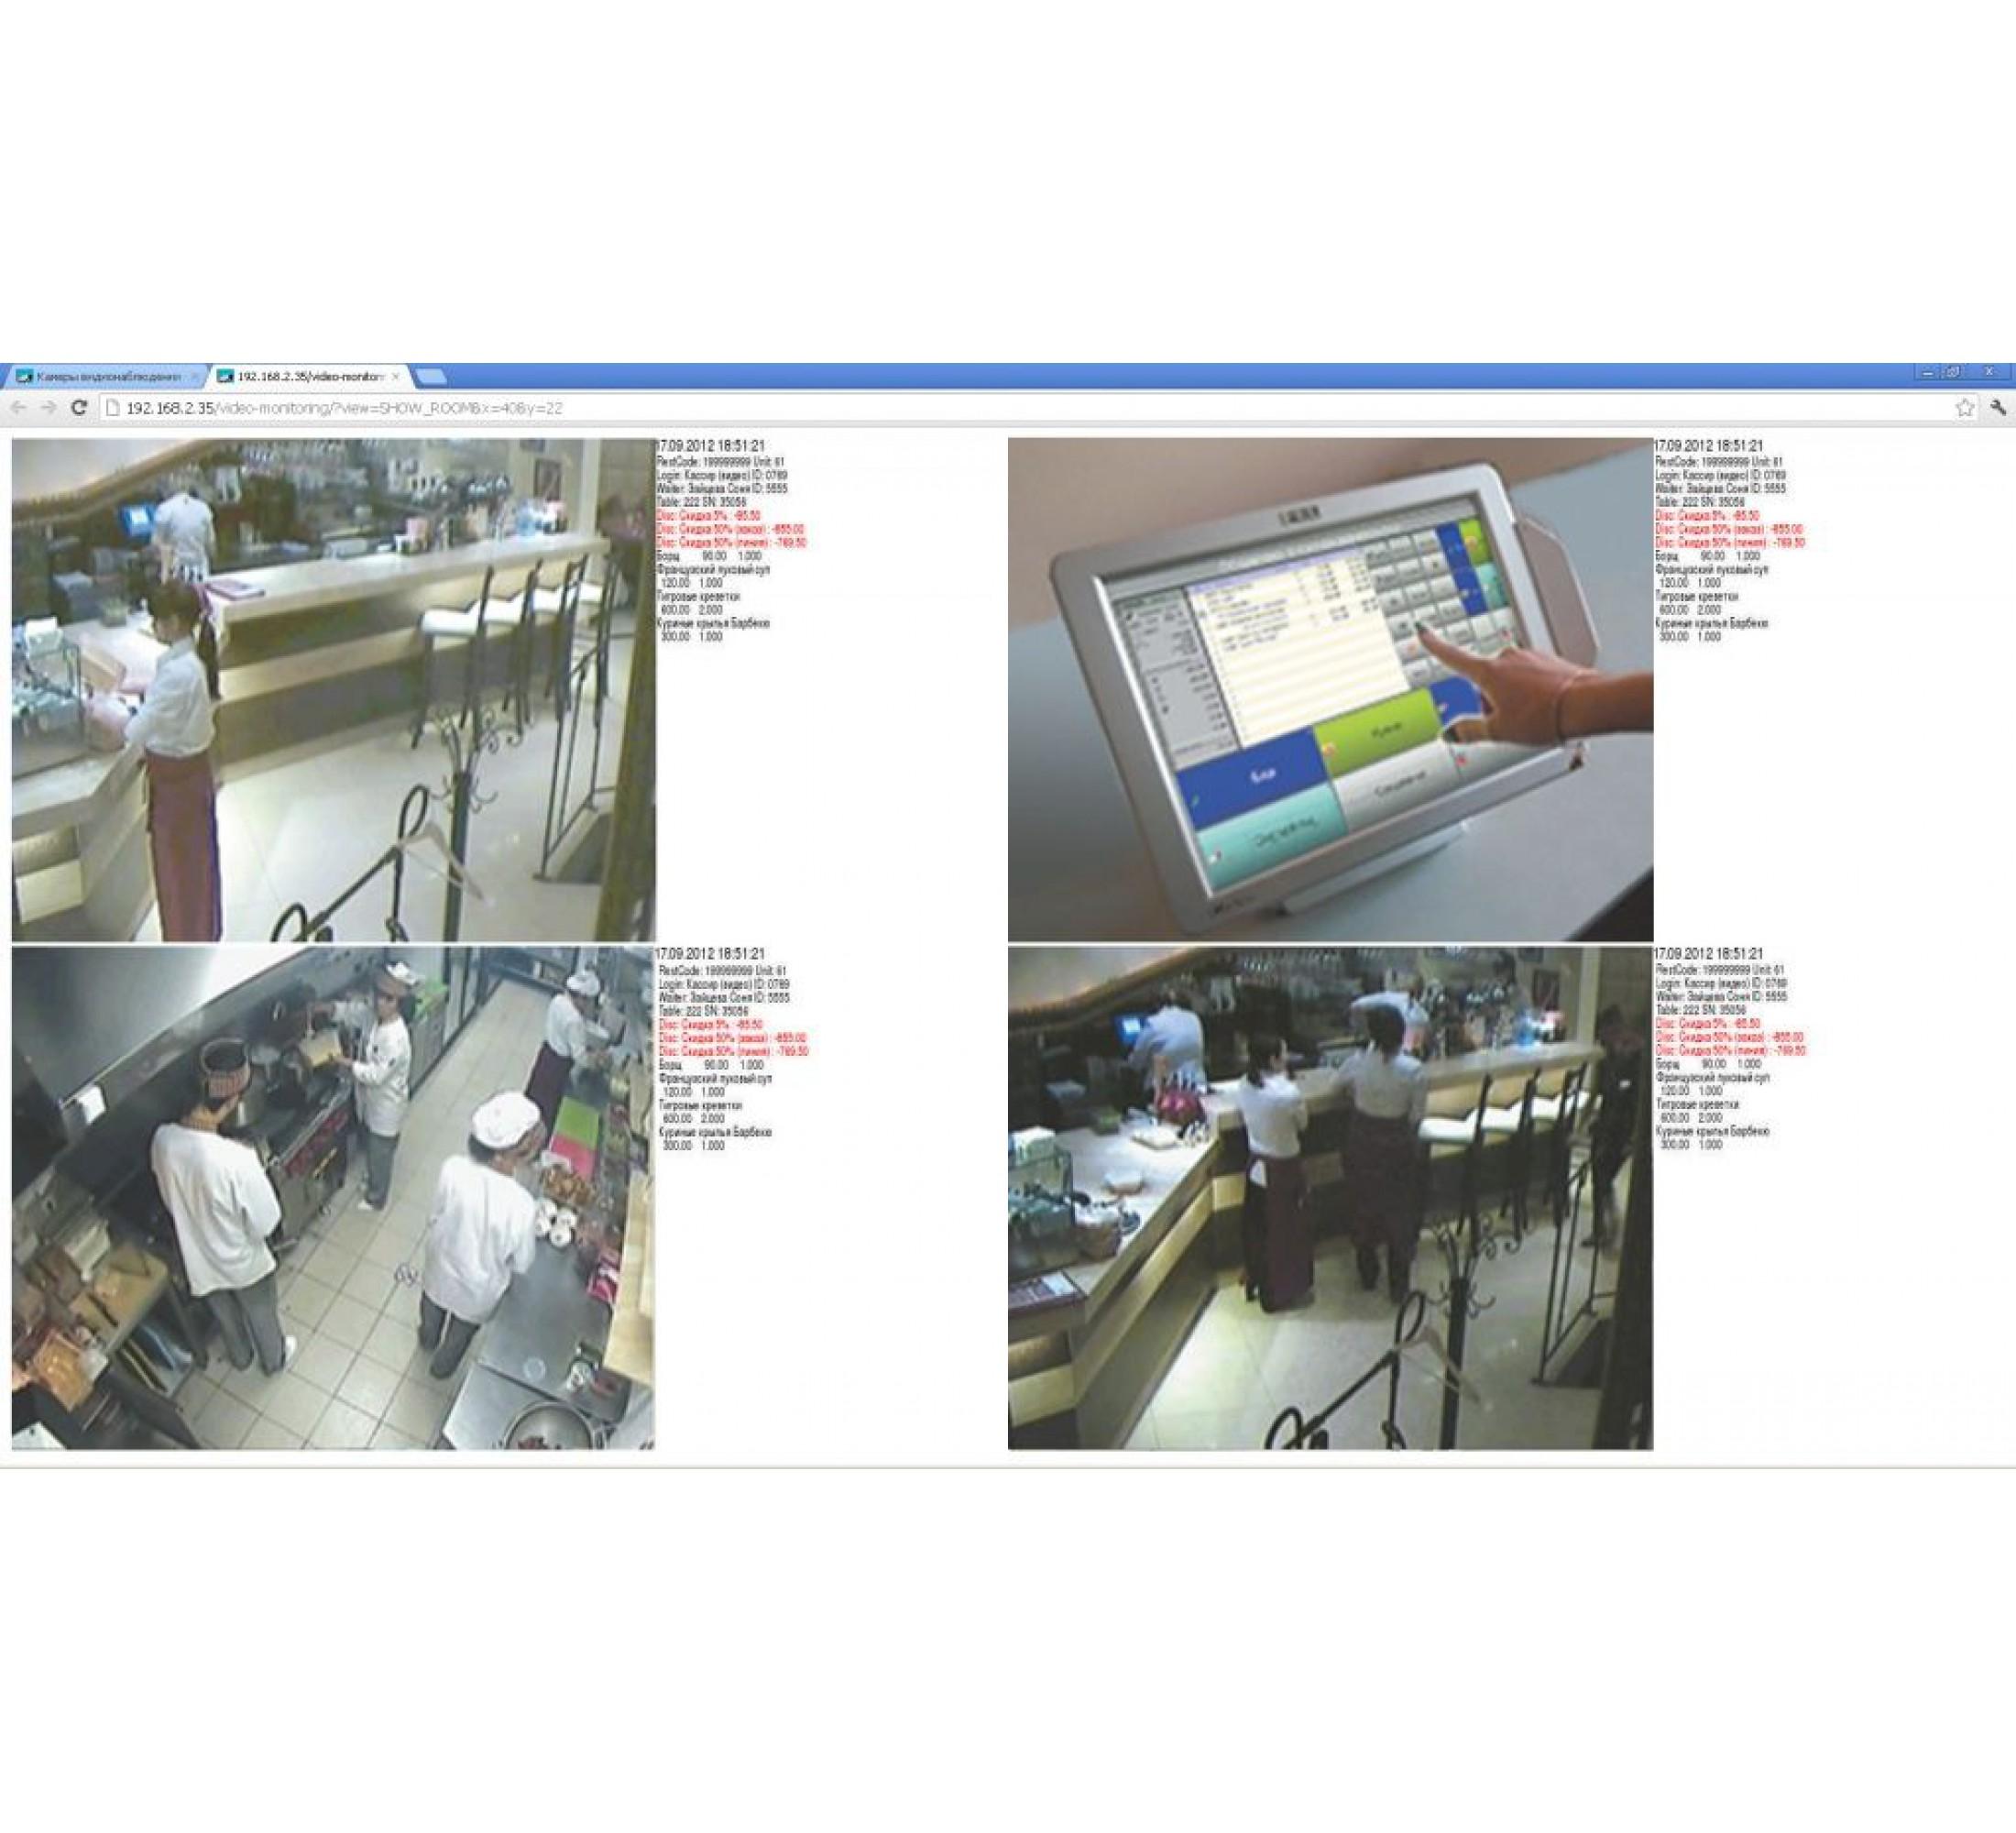 Видеонаблюдение - R-Keeper (Видеоконтроль кассовых операций)